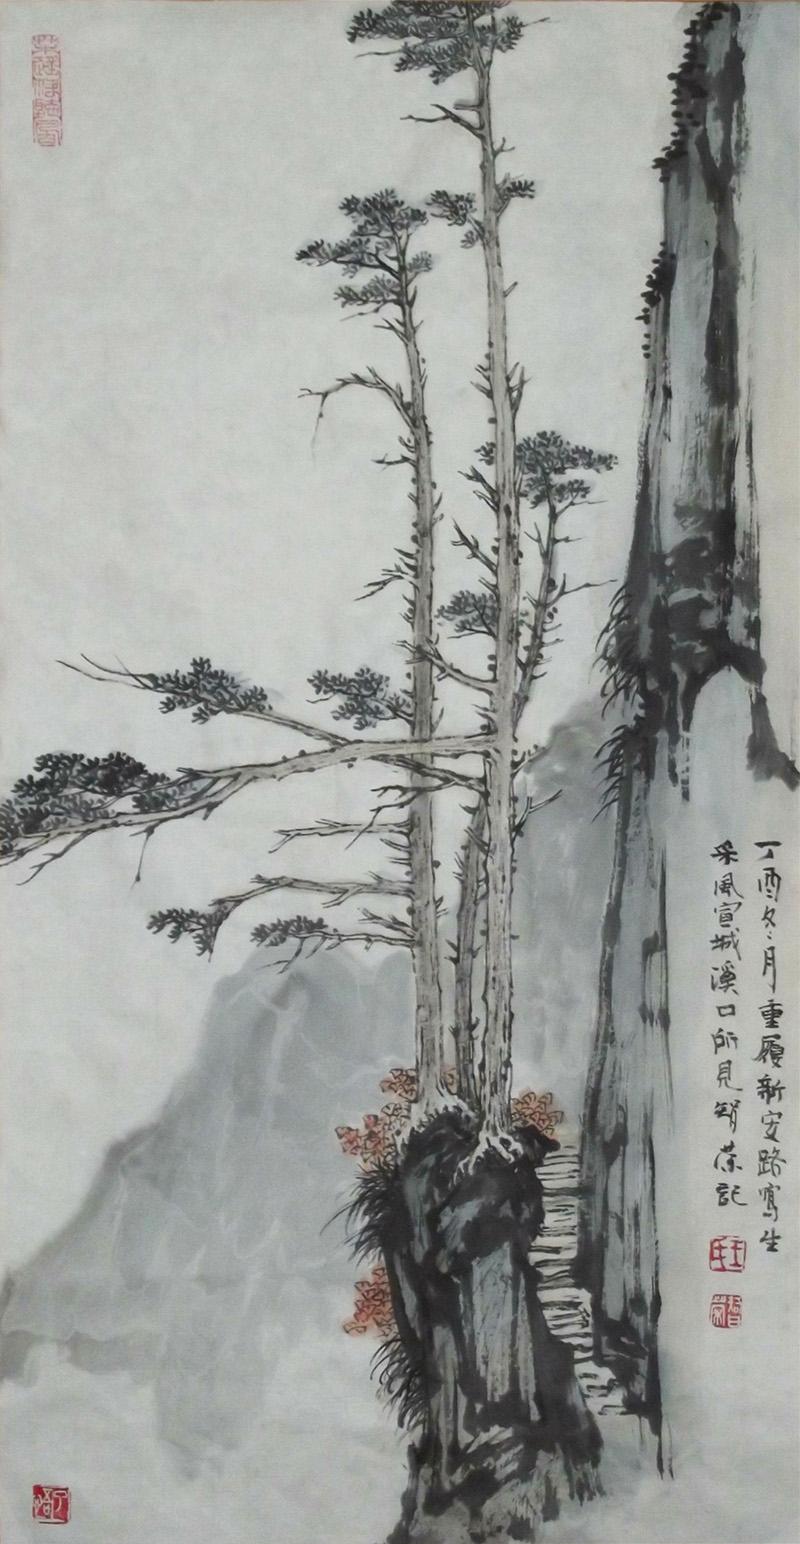 王智荣作品之一 (9)